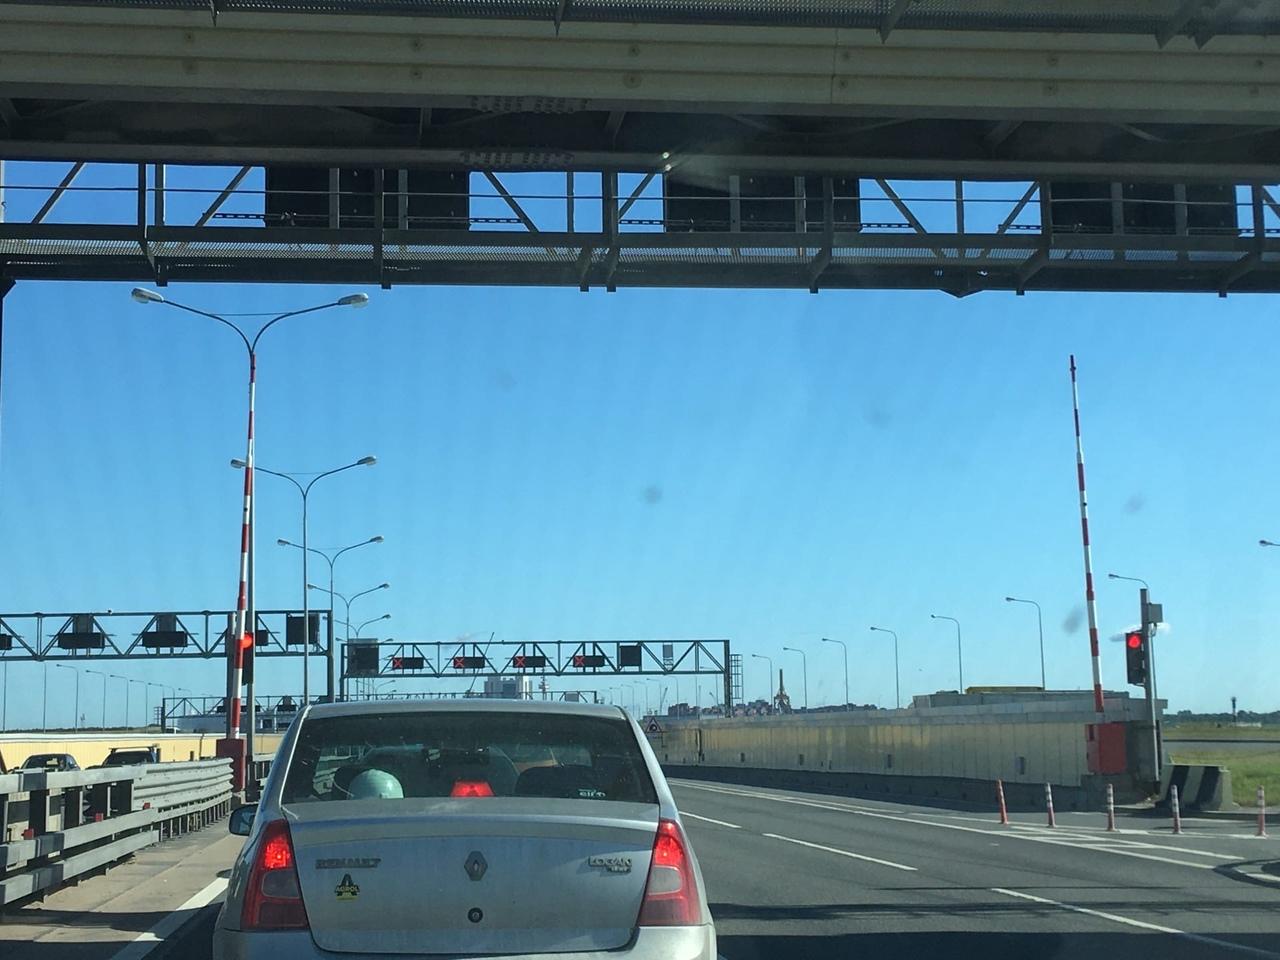 ДТП на внутренней стороне КАД. Туннель перекрыт.